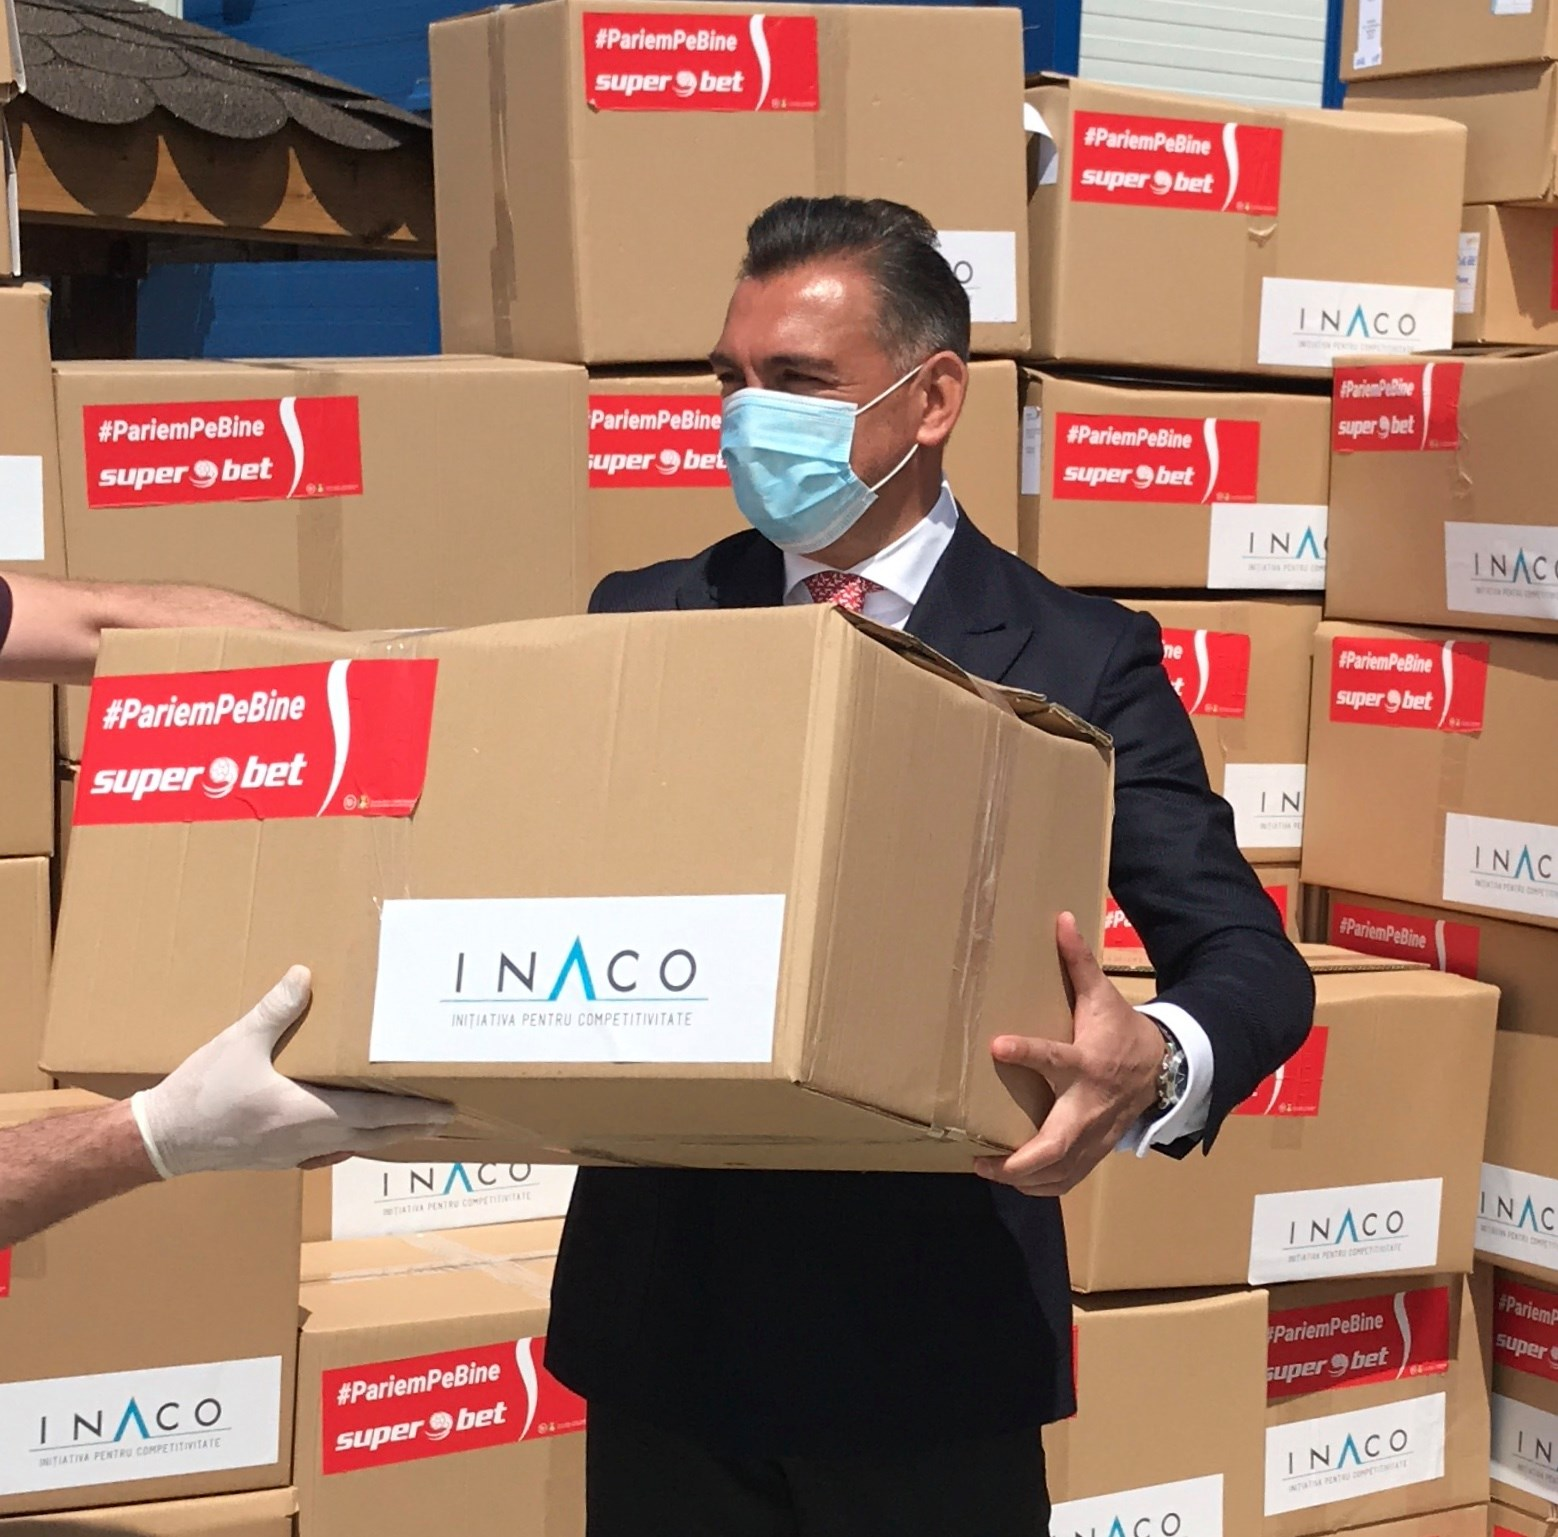 Echipamente de protecție și biocide pentru 30 de spitale din România, în prezența lui Ilie Dumitrescu, ambasadorul campaniei Superbet #PariemPeBine